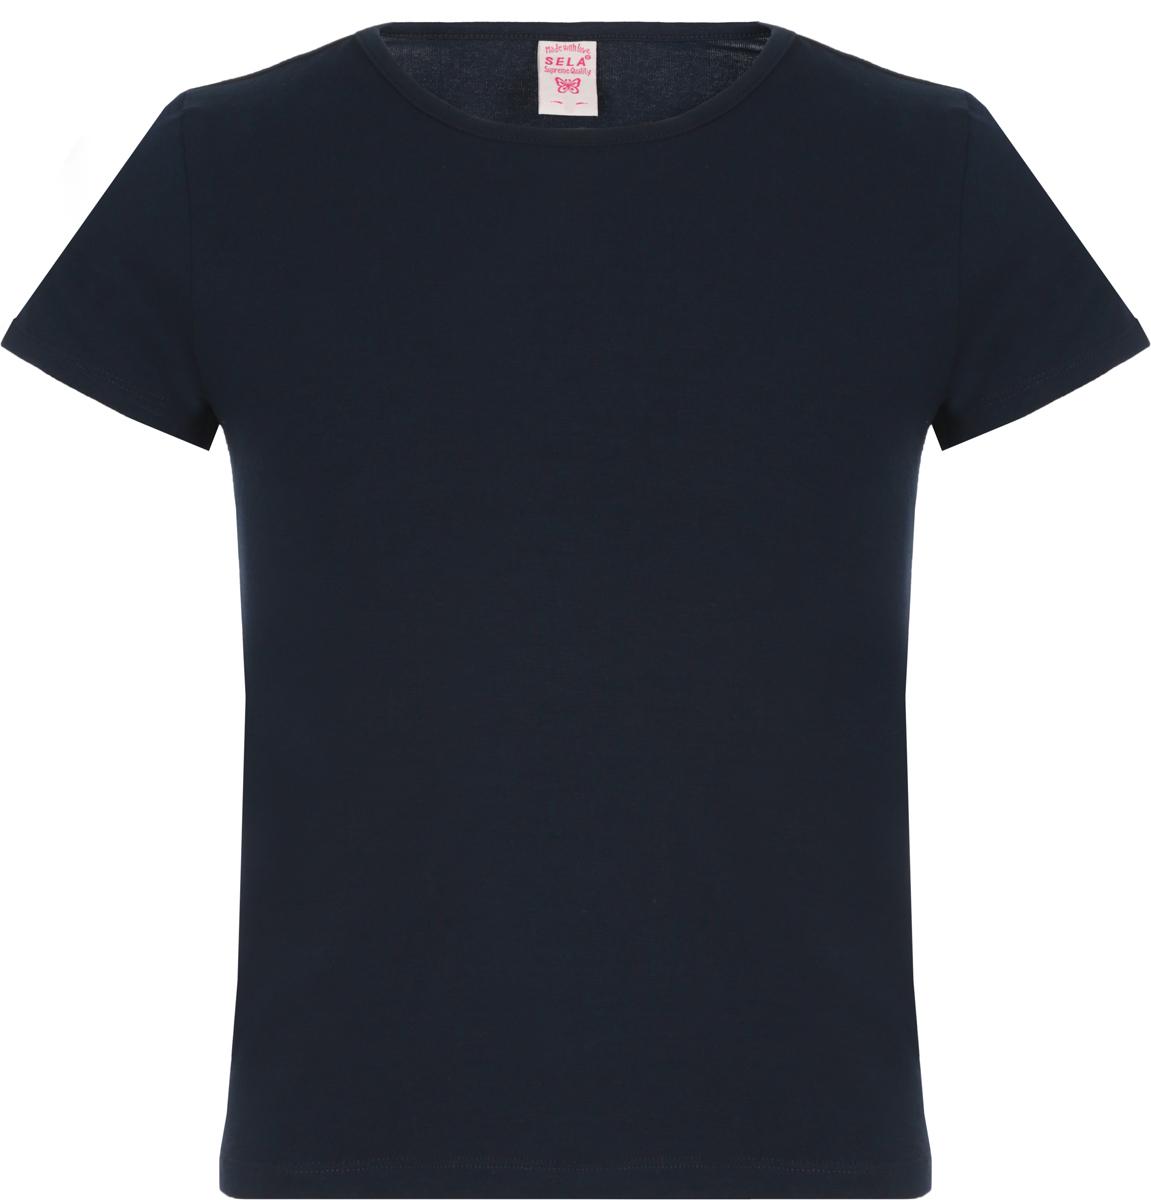 Футболка для девочки Sela, цвет: темно-синий. Ts-611/1276-8330. Размер 152 sela ts 411 094 7161